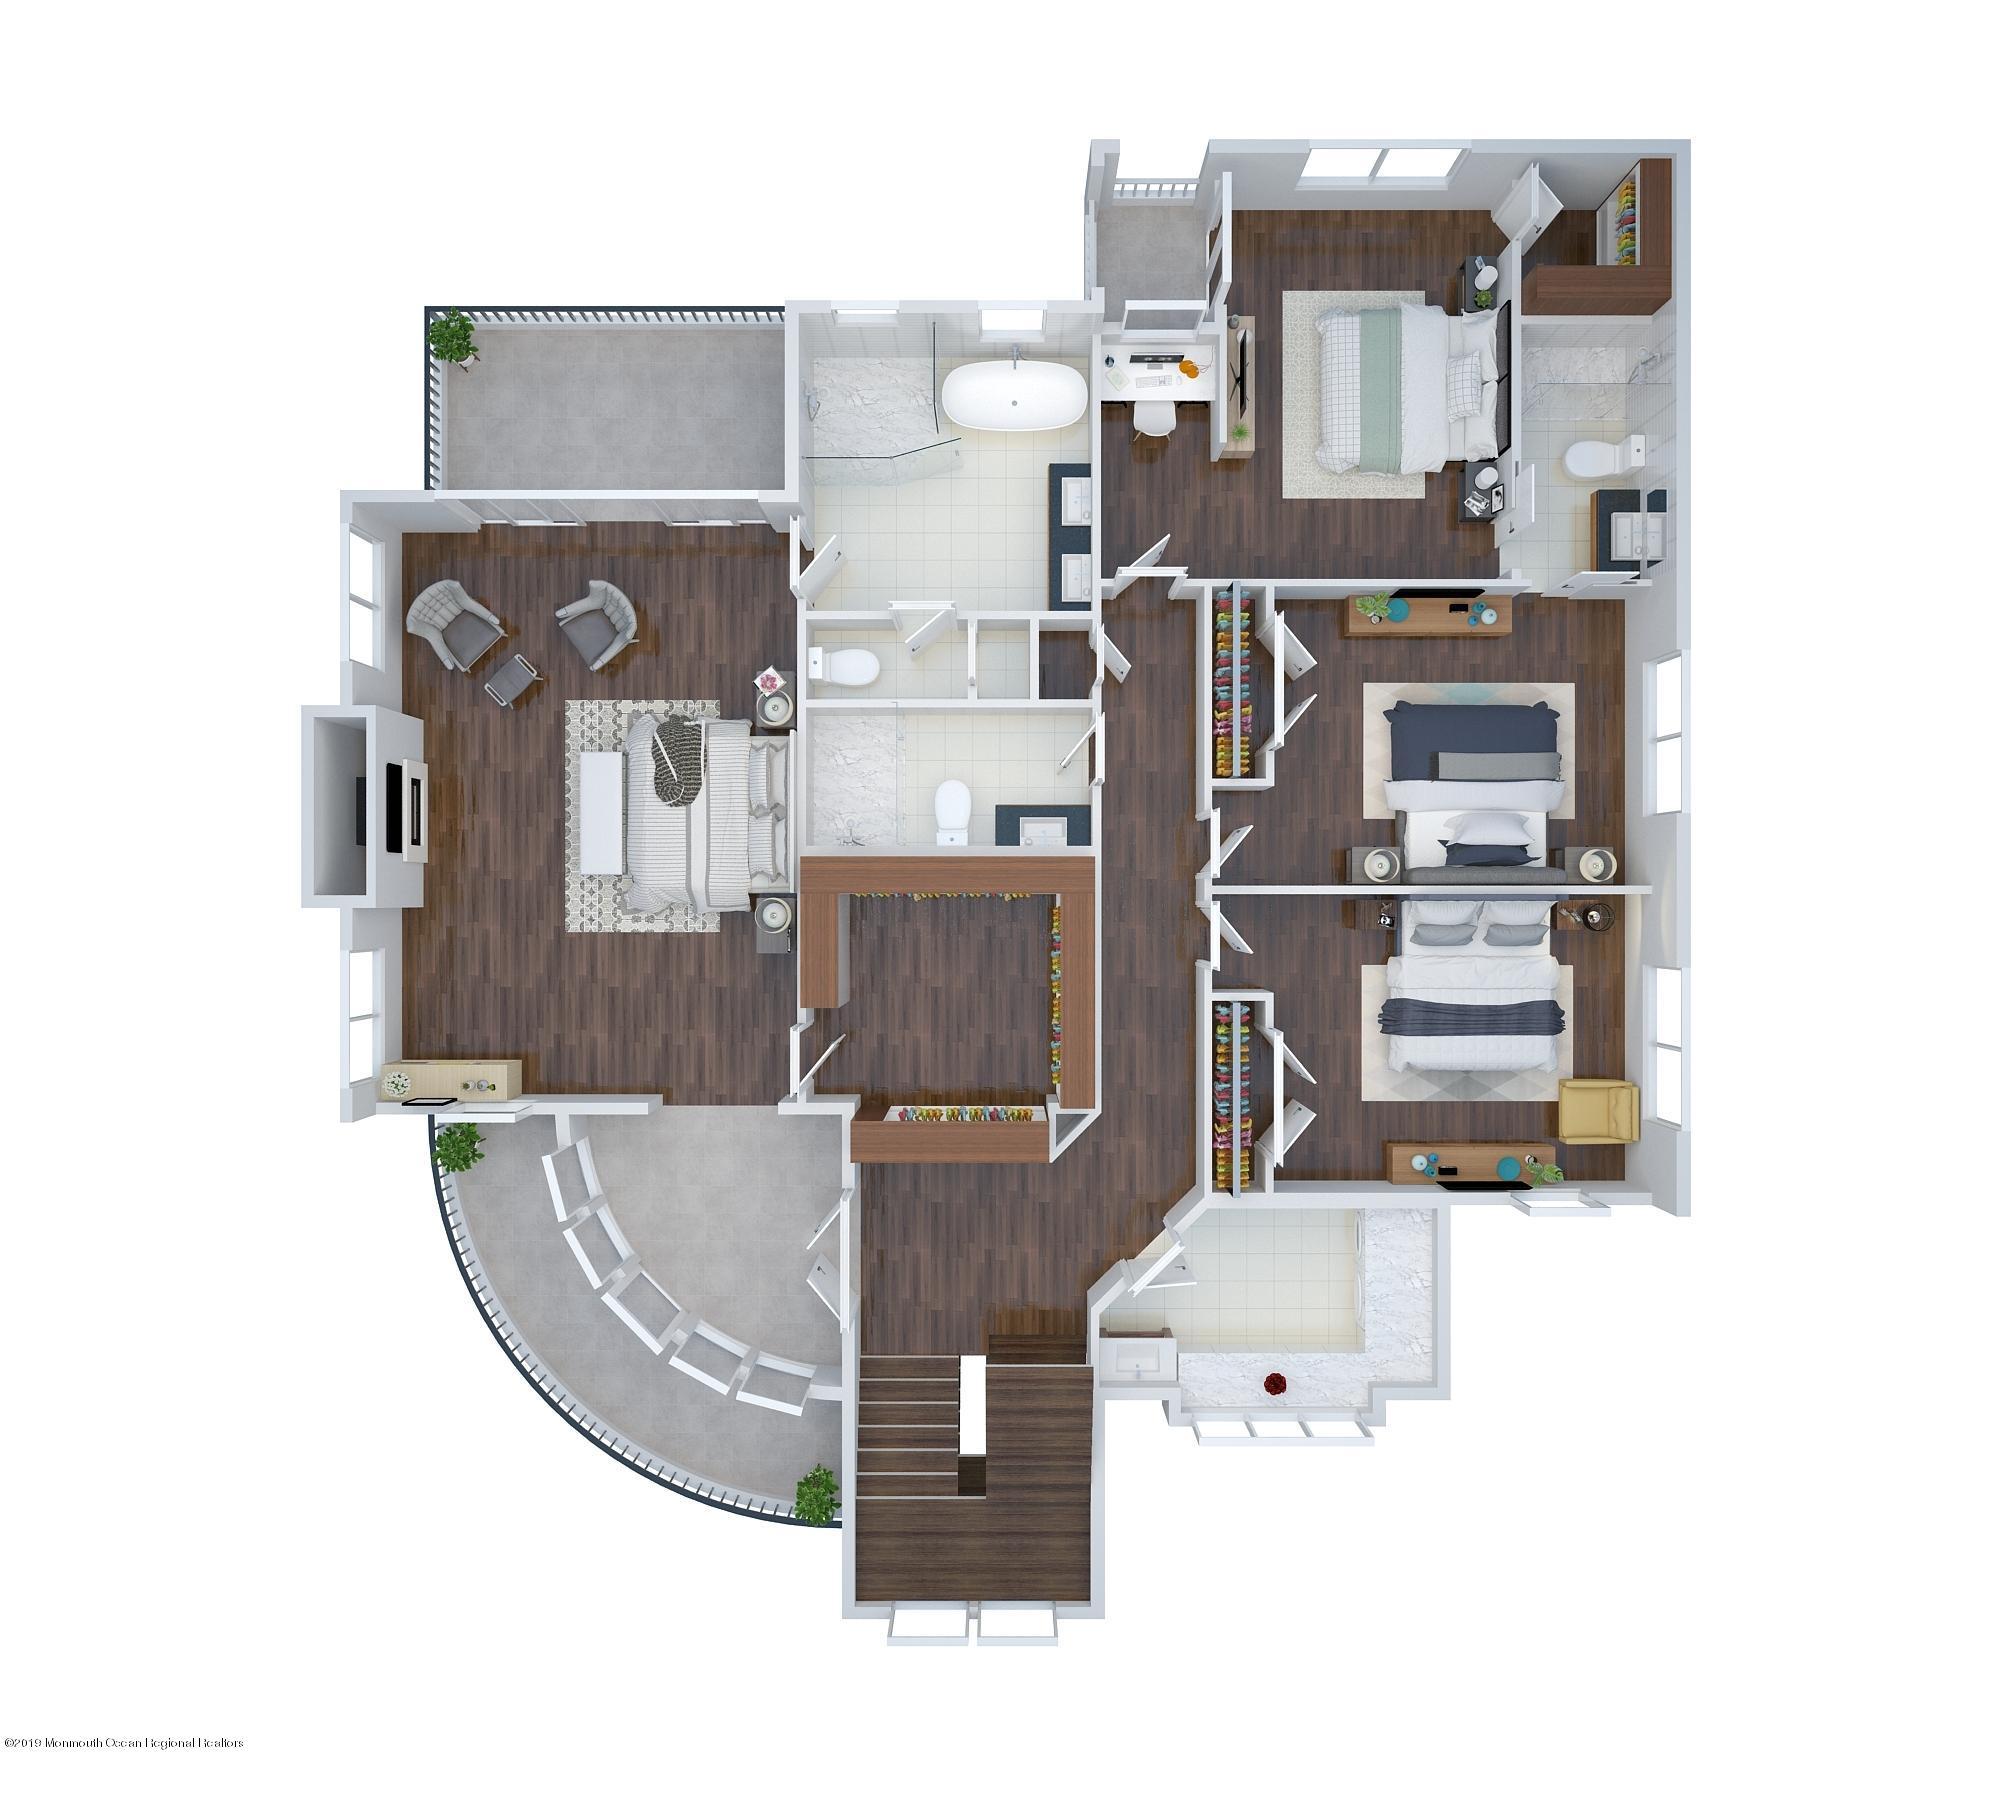 Second floor (17)-1